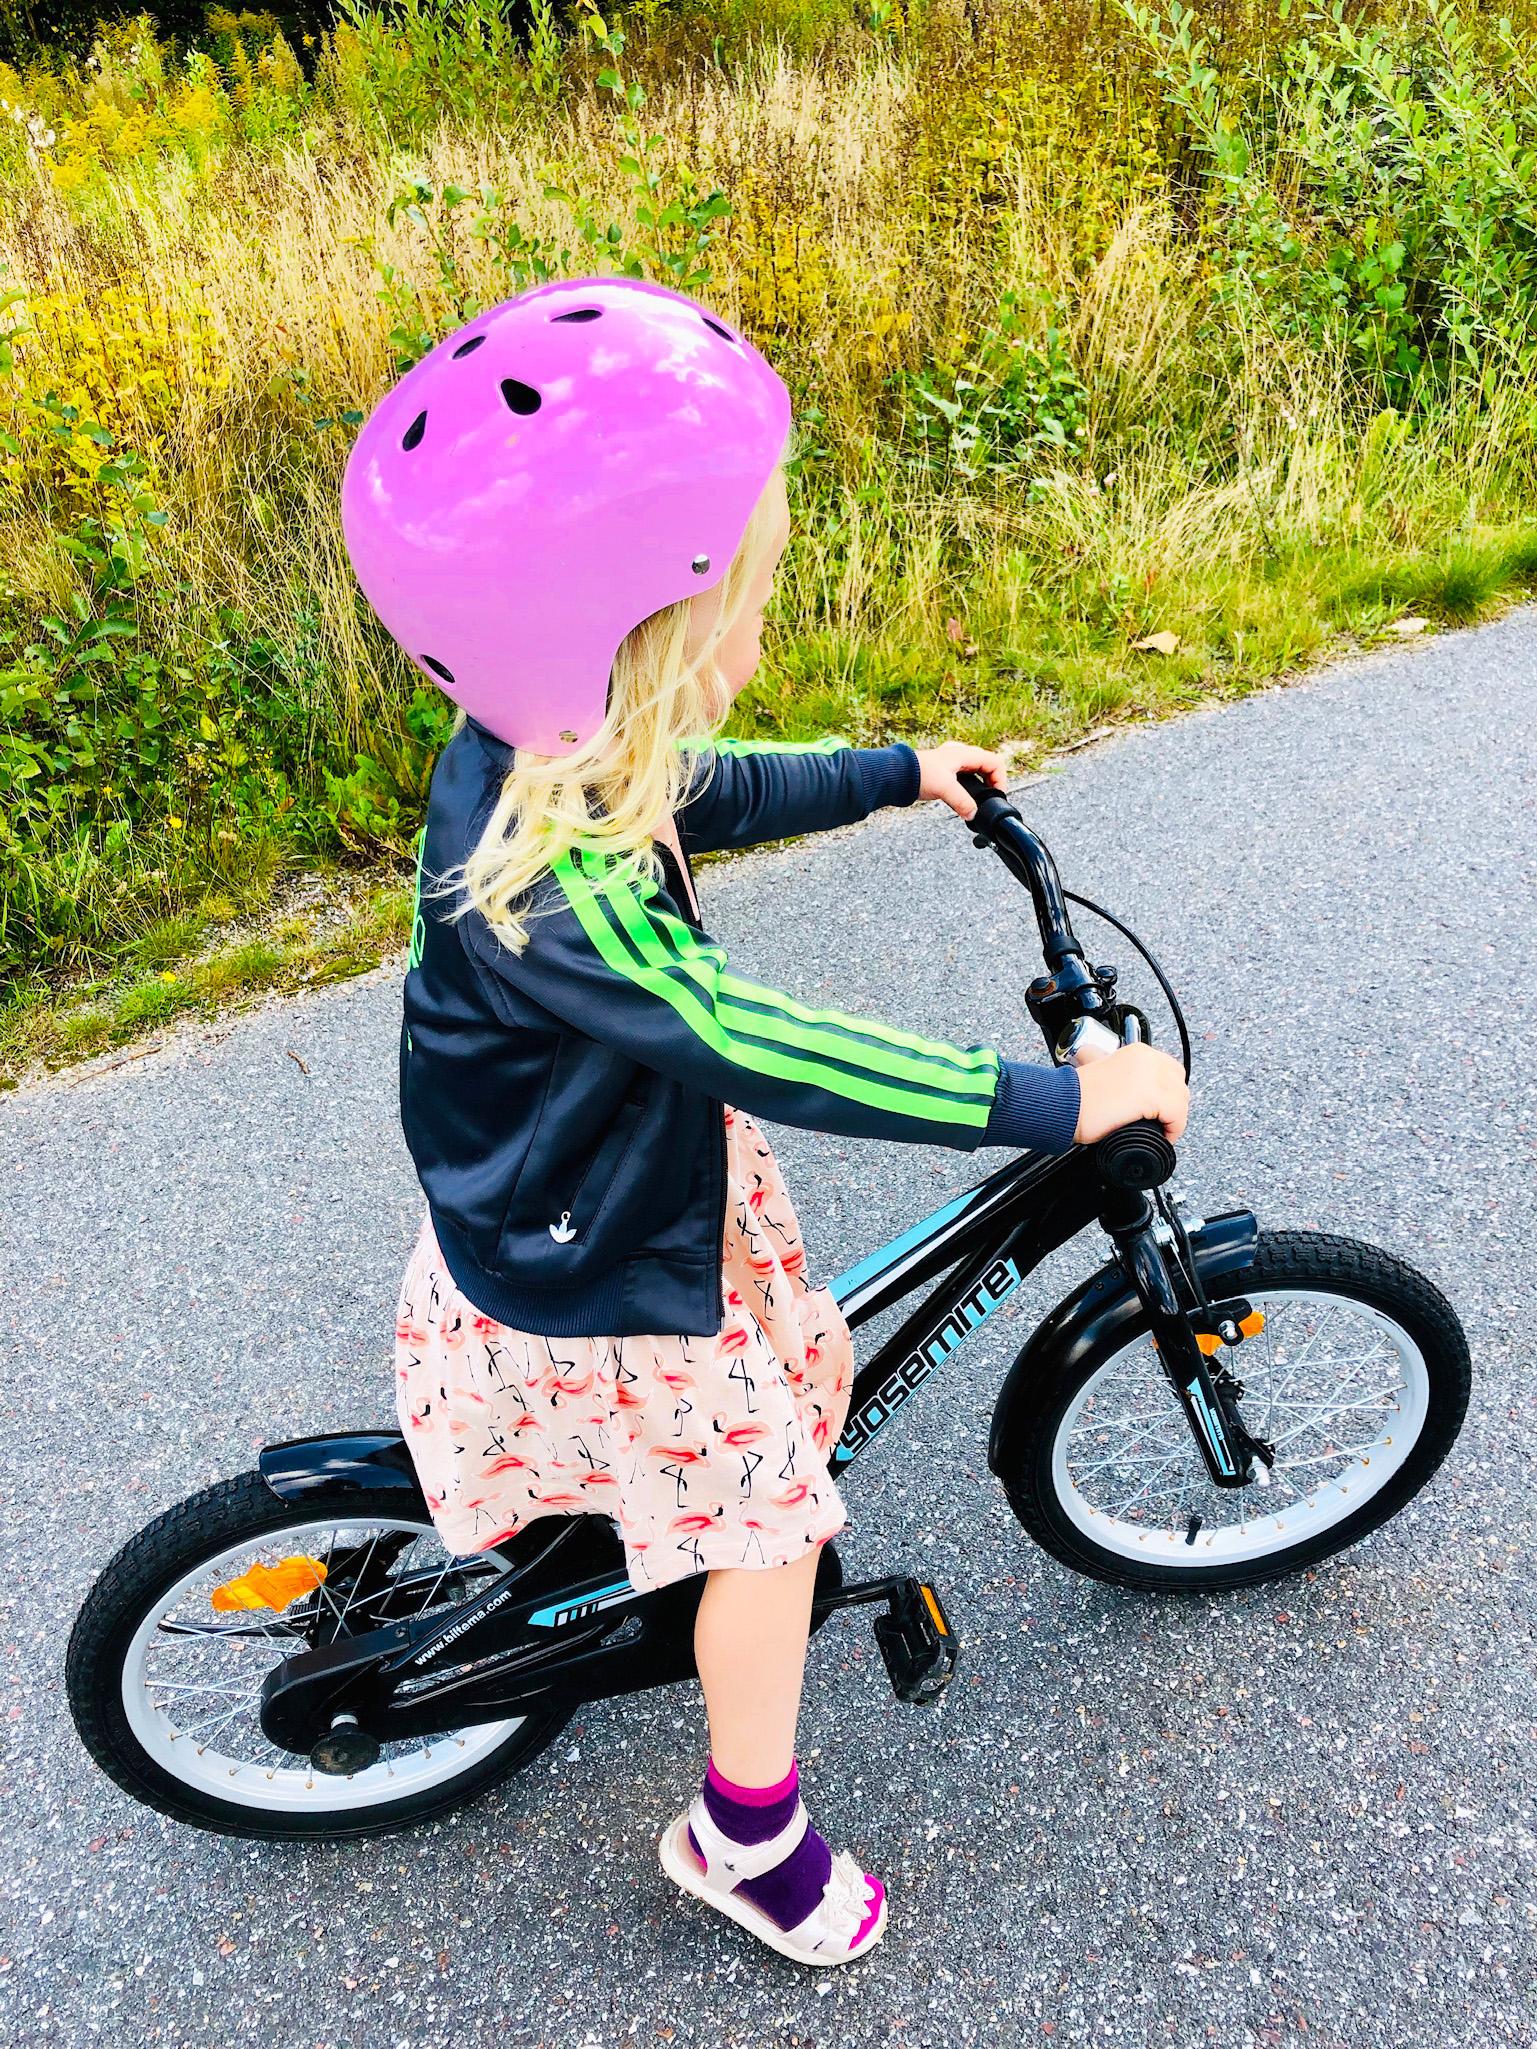 Årets sista dopp - cykling dit och hem